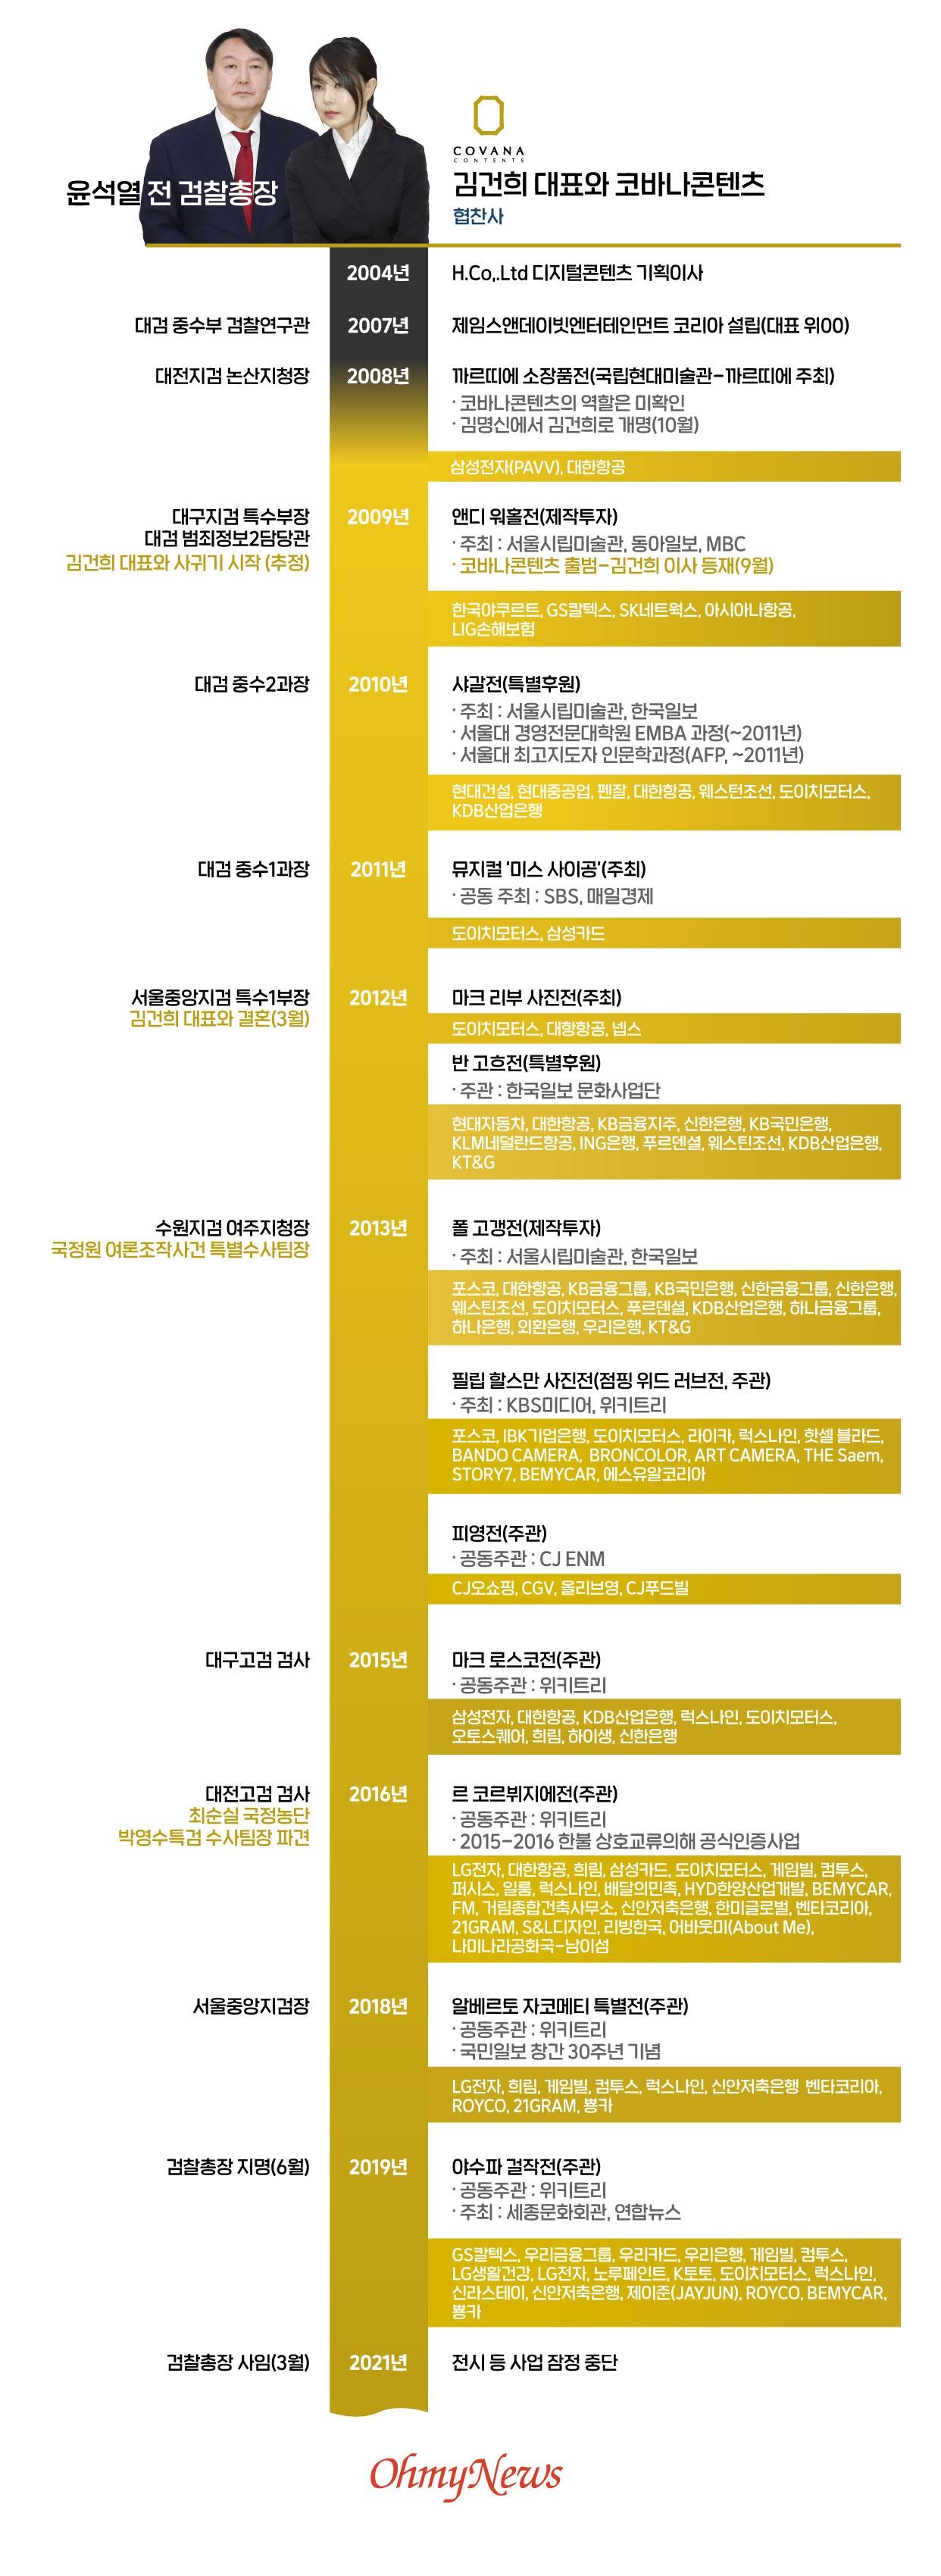 윤석열 전 검찰총장과 김건희 대표와 코바나 콘텐츠